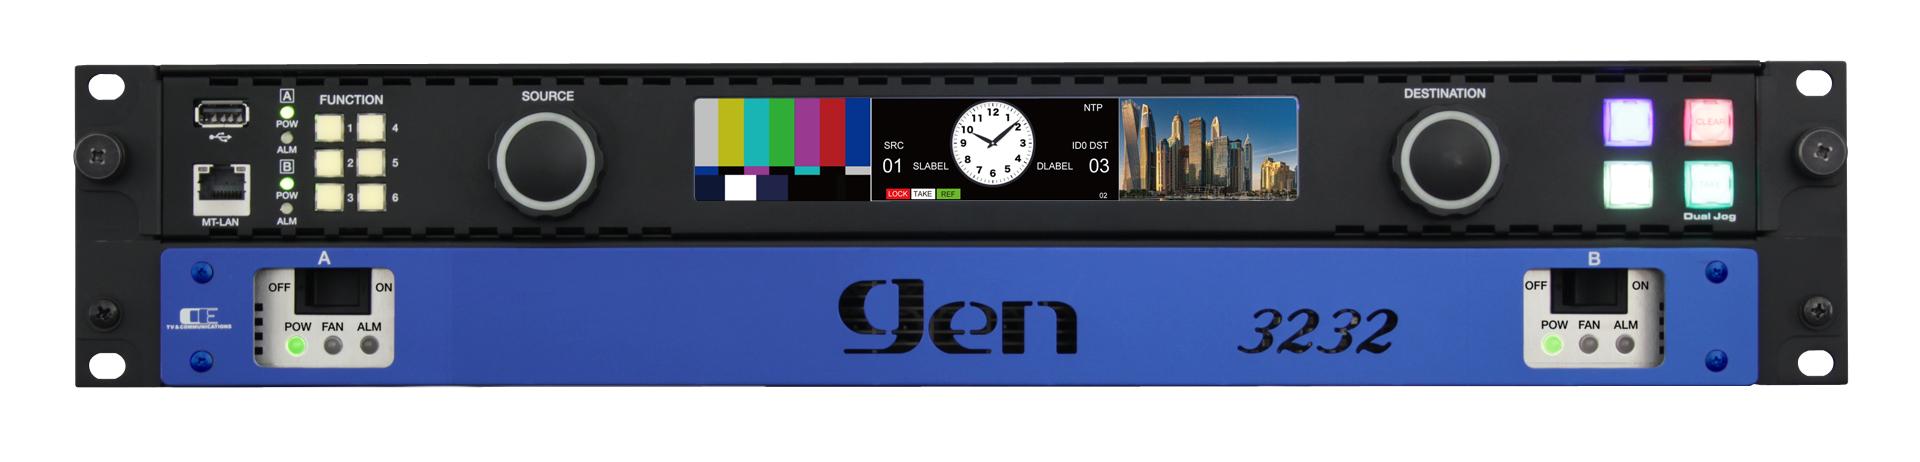 gen3232-CP_front202101